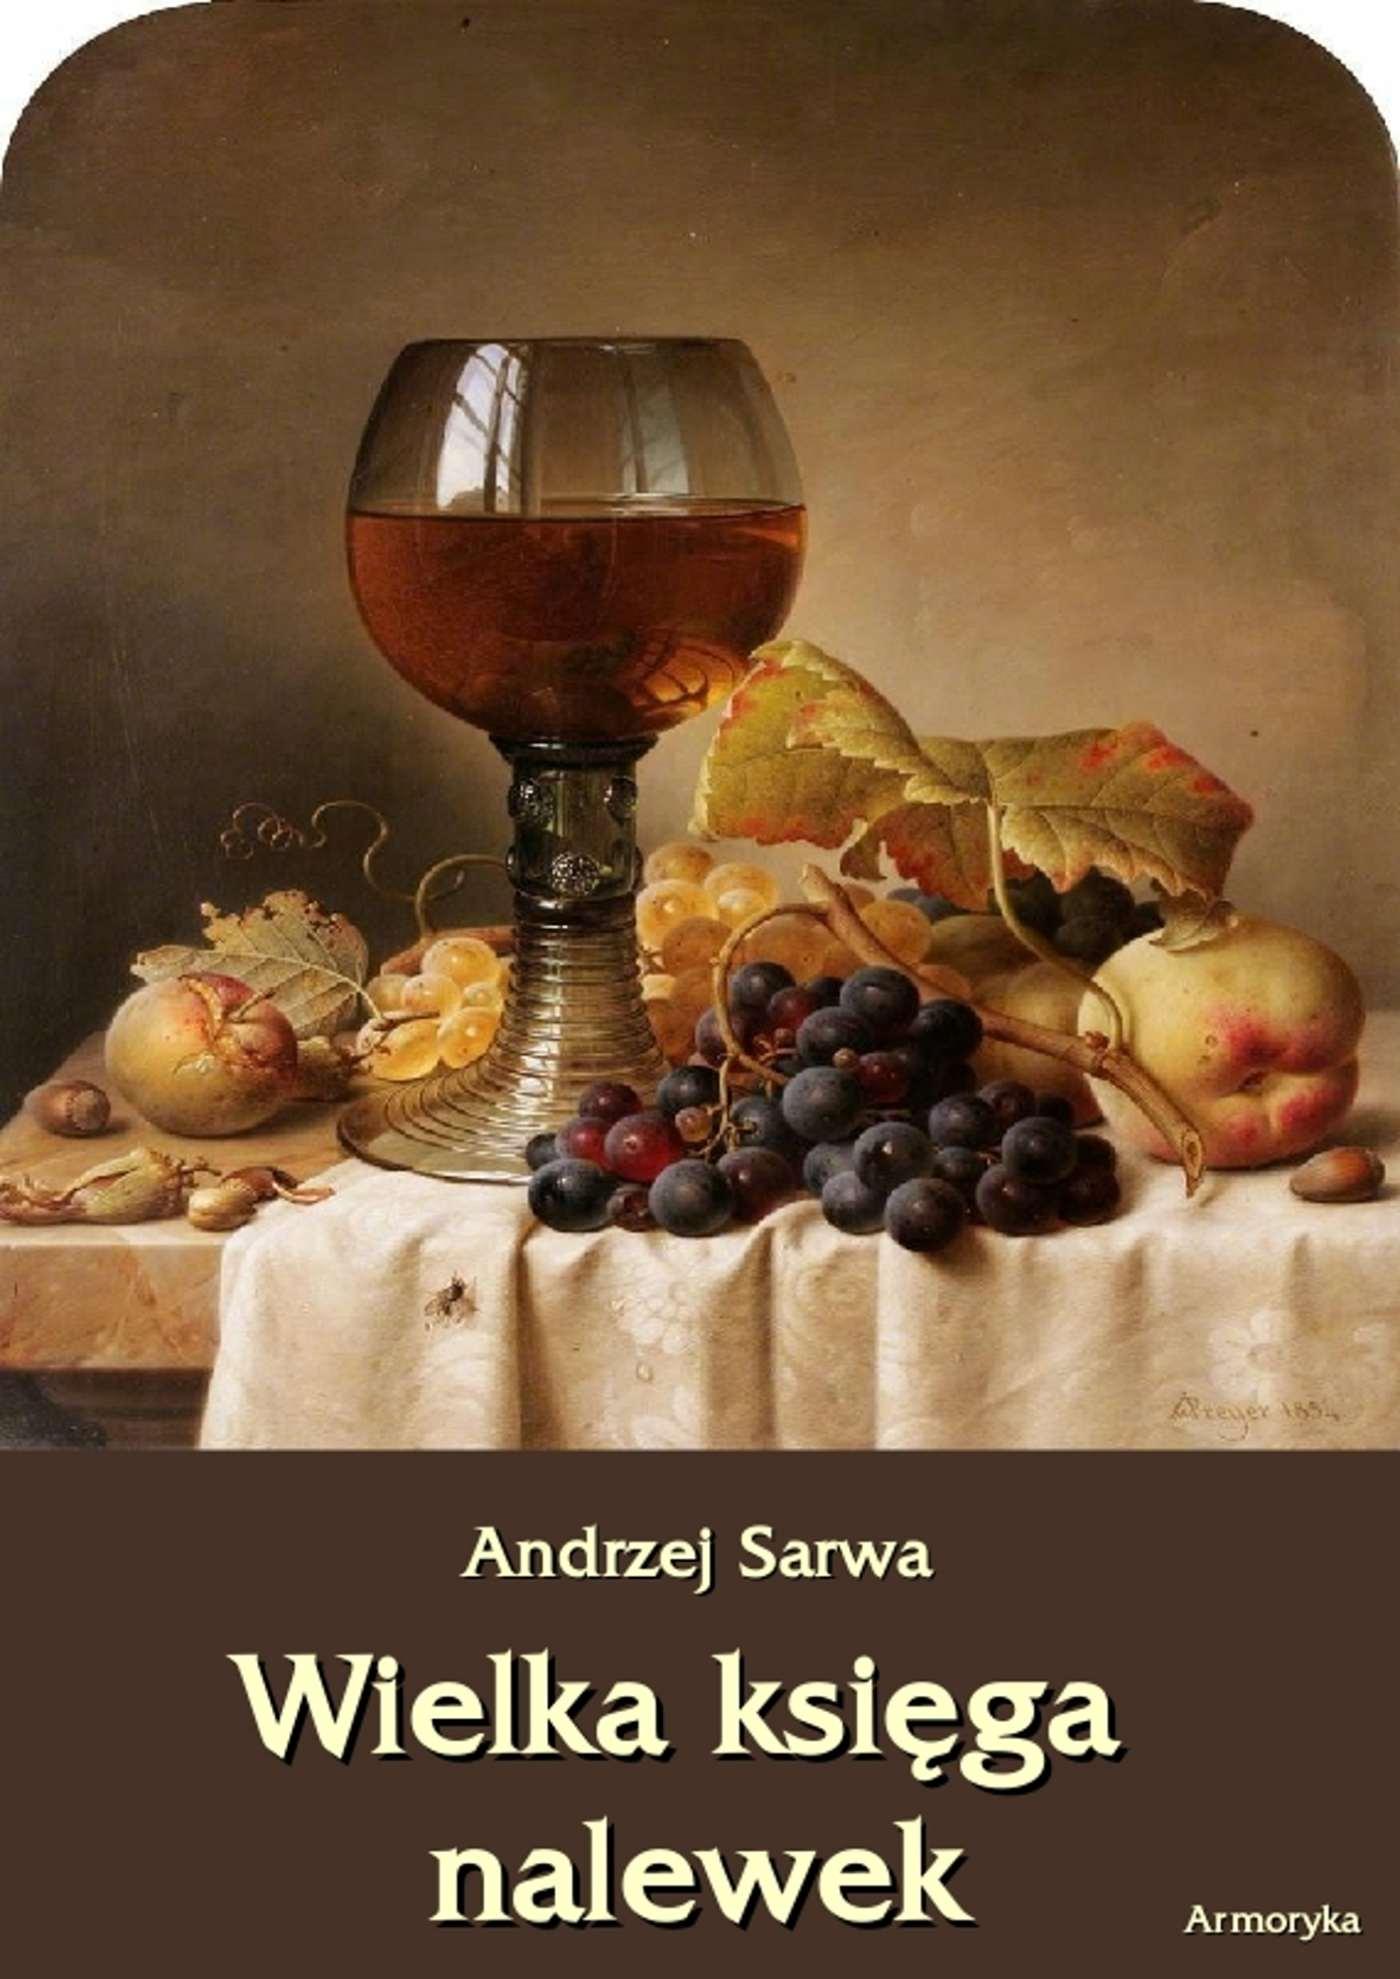 Wielka księga nalewek. 602 receptury nalewek, likierów, win, piw, miodów... - Ebook (Książka EPUB) do pobrania w formacie EPUB